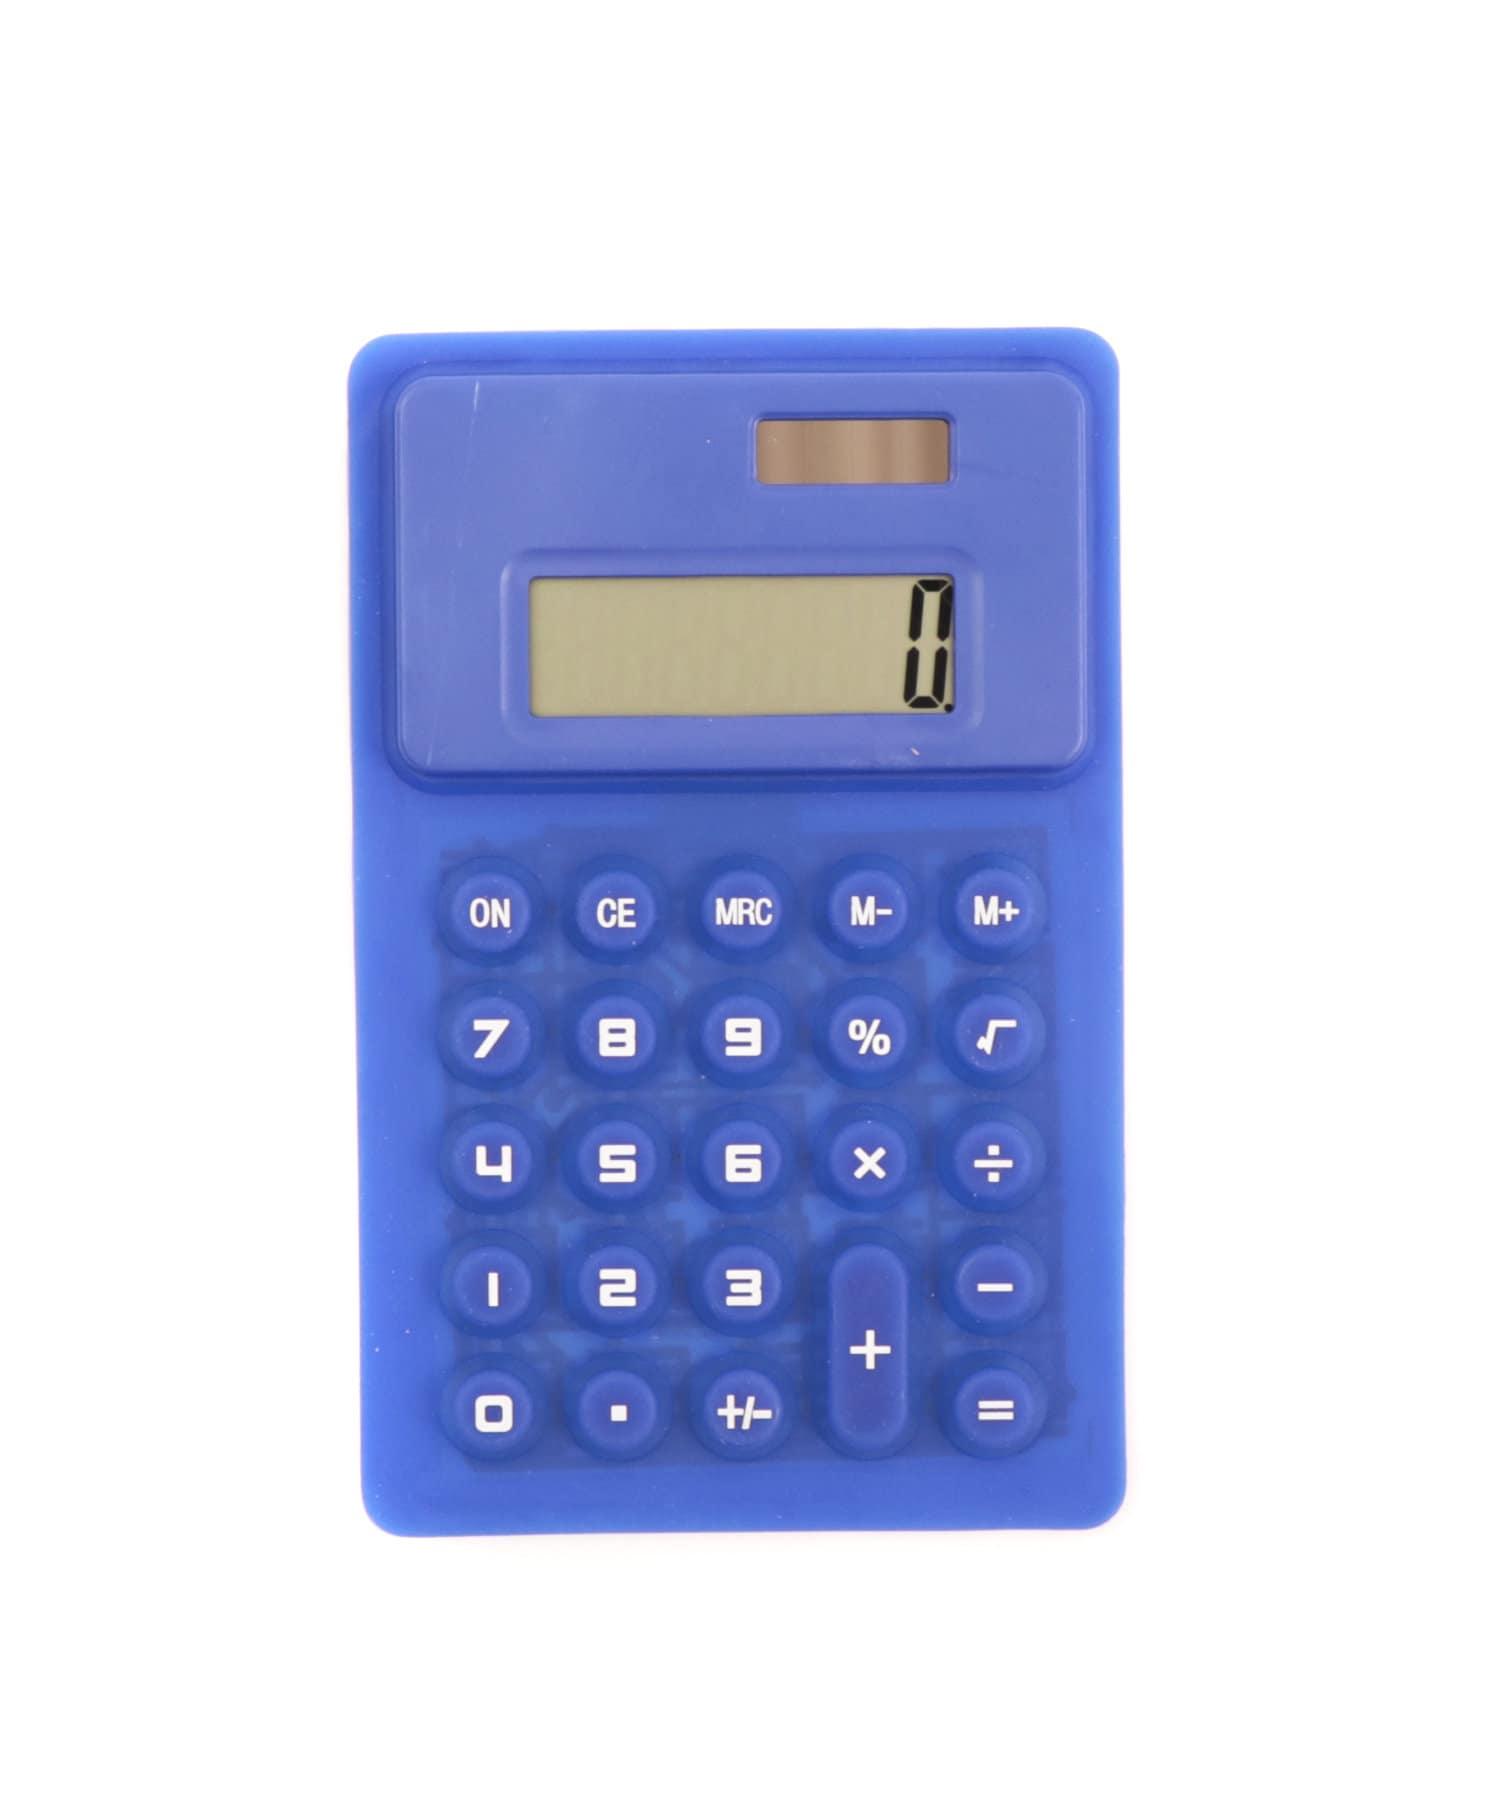 3COINS(スリーコインズ) 【ASOKO】ぐにゃぐにゃ電卓